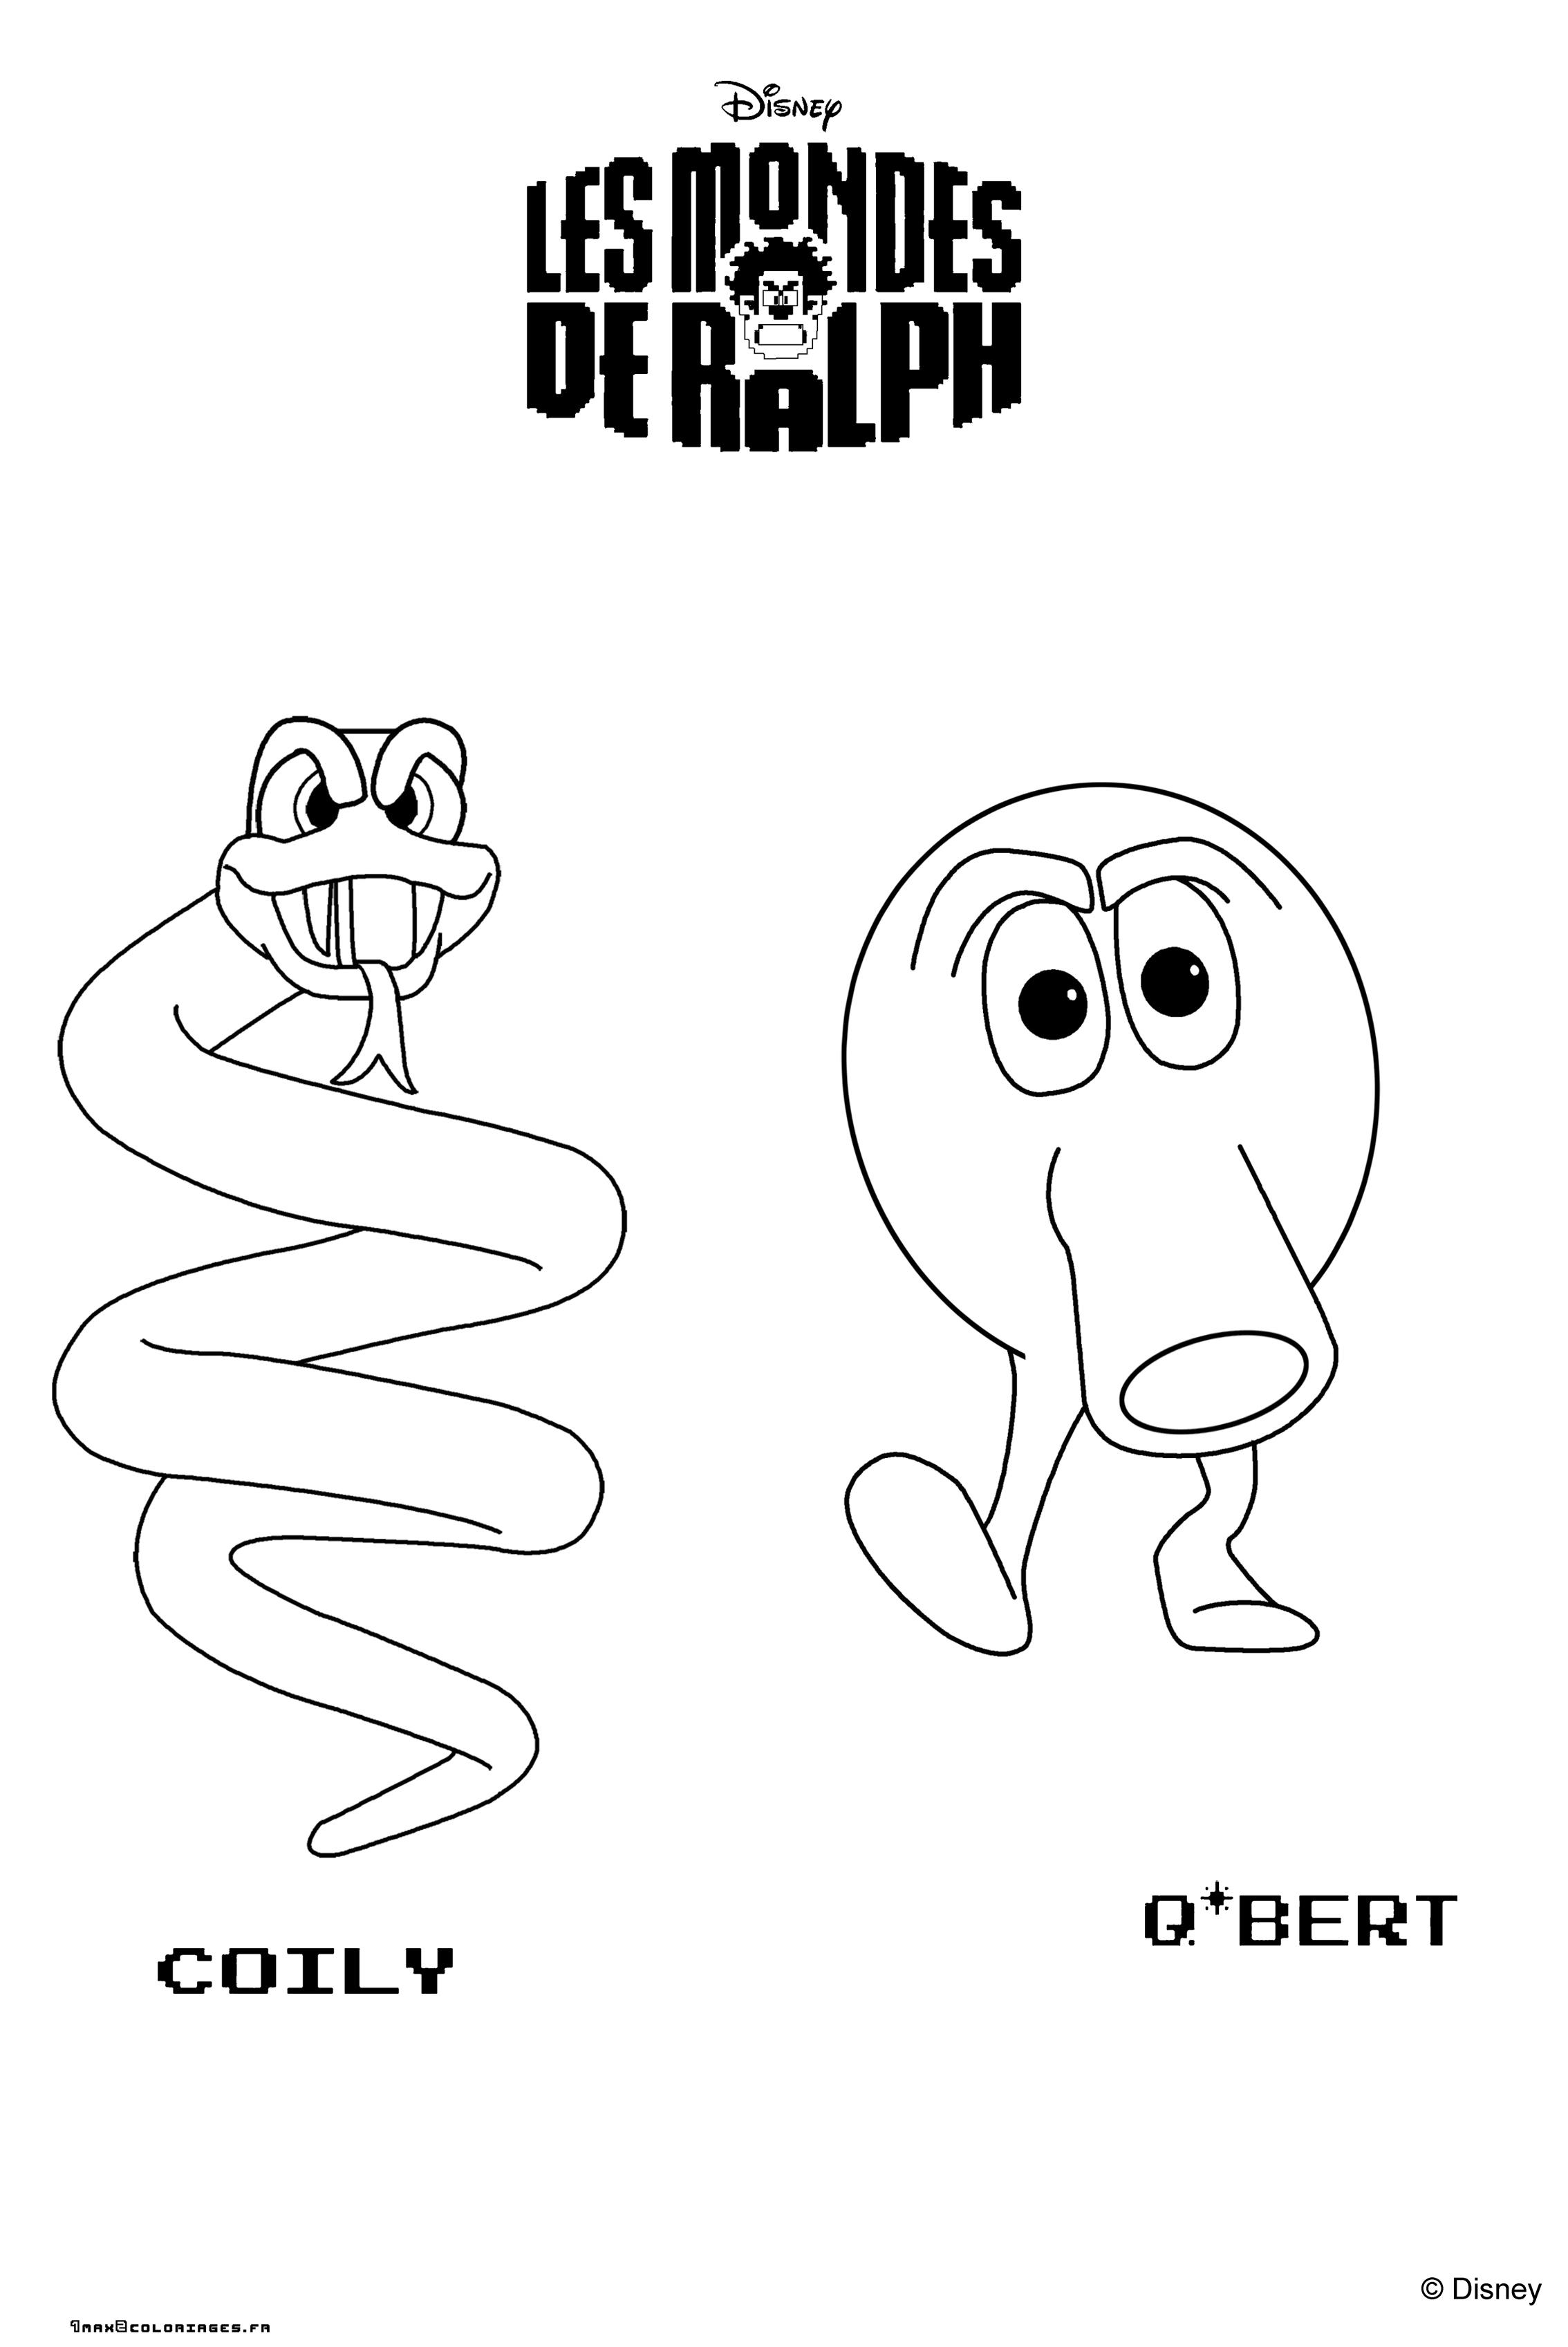 Coloring pages qbert - Coloriage Coily Et Q Bert